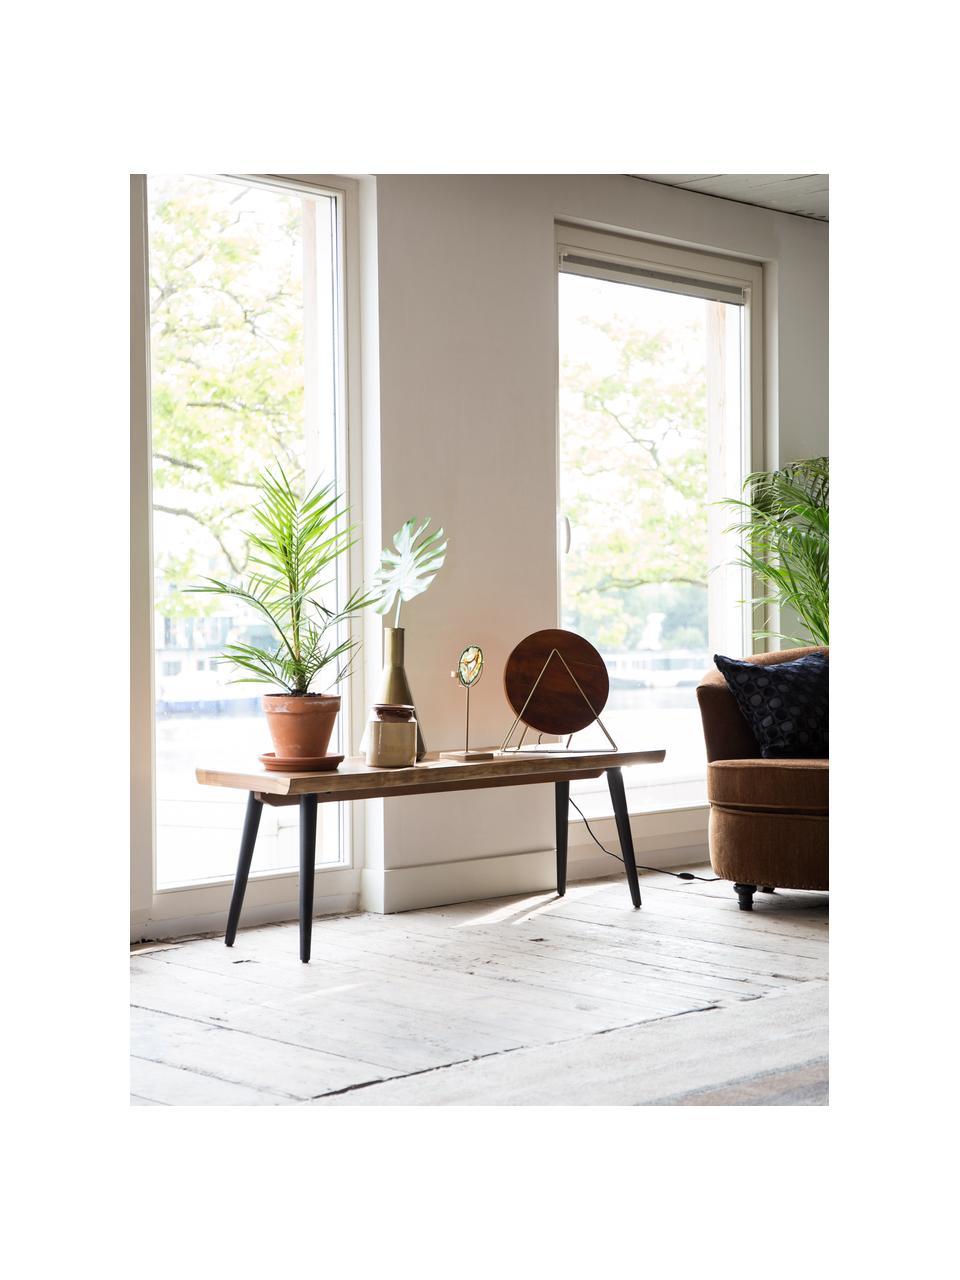 Panca con bordo albero Alagon, Seduta: pannelli di fibre a media, Gambe: acciaio verniciato a polv, Albero di noce, Larg. 140 x Alt.45 cm